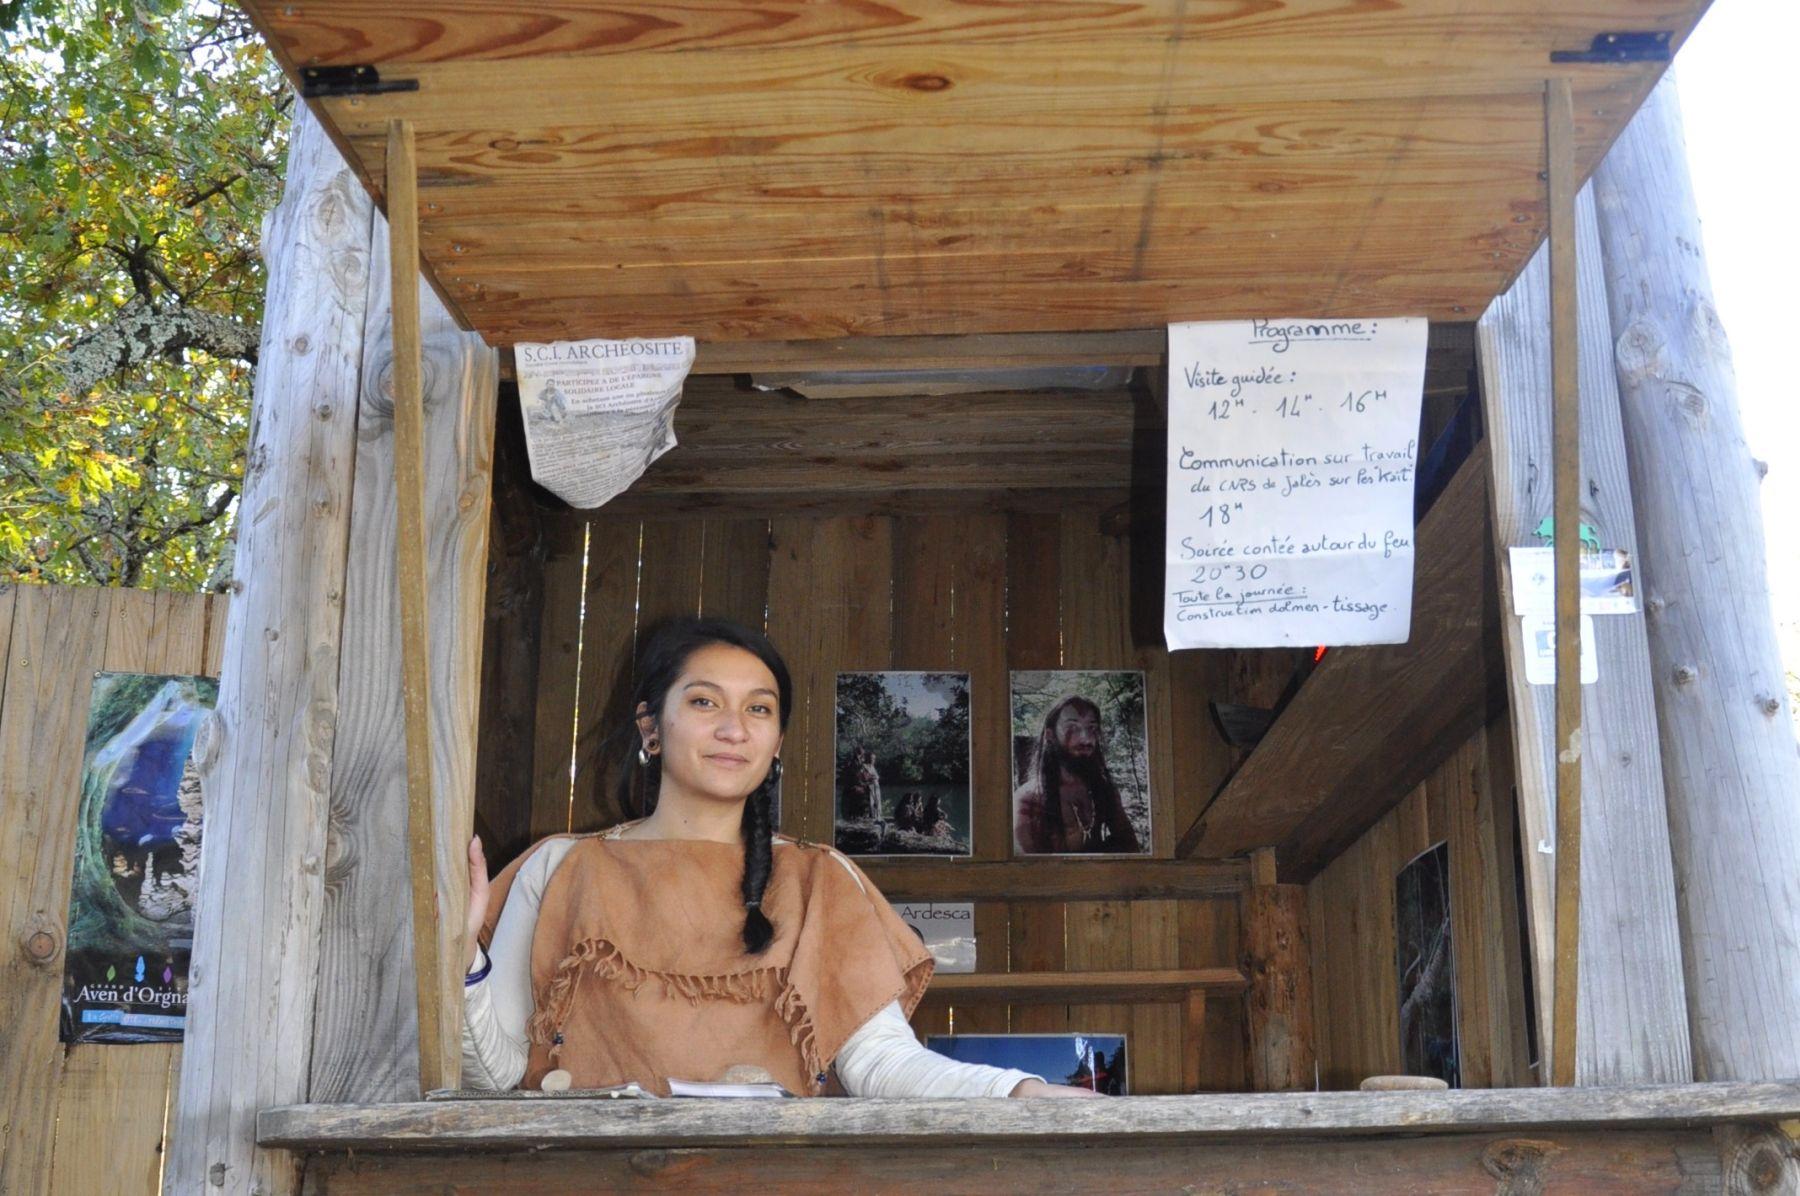 Randa Ardesca Archéosite d'Ardèche - Mélissa tient la billetterie